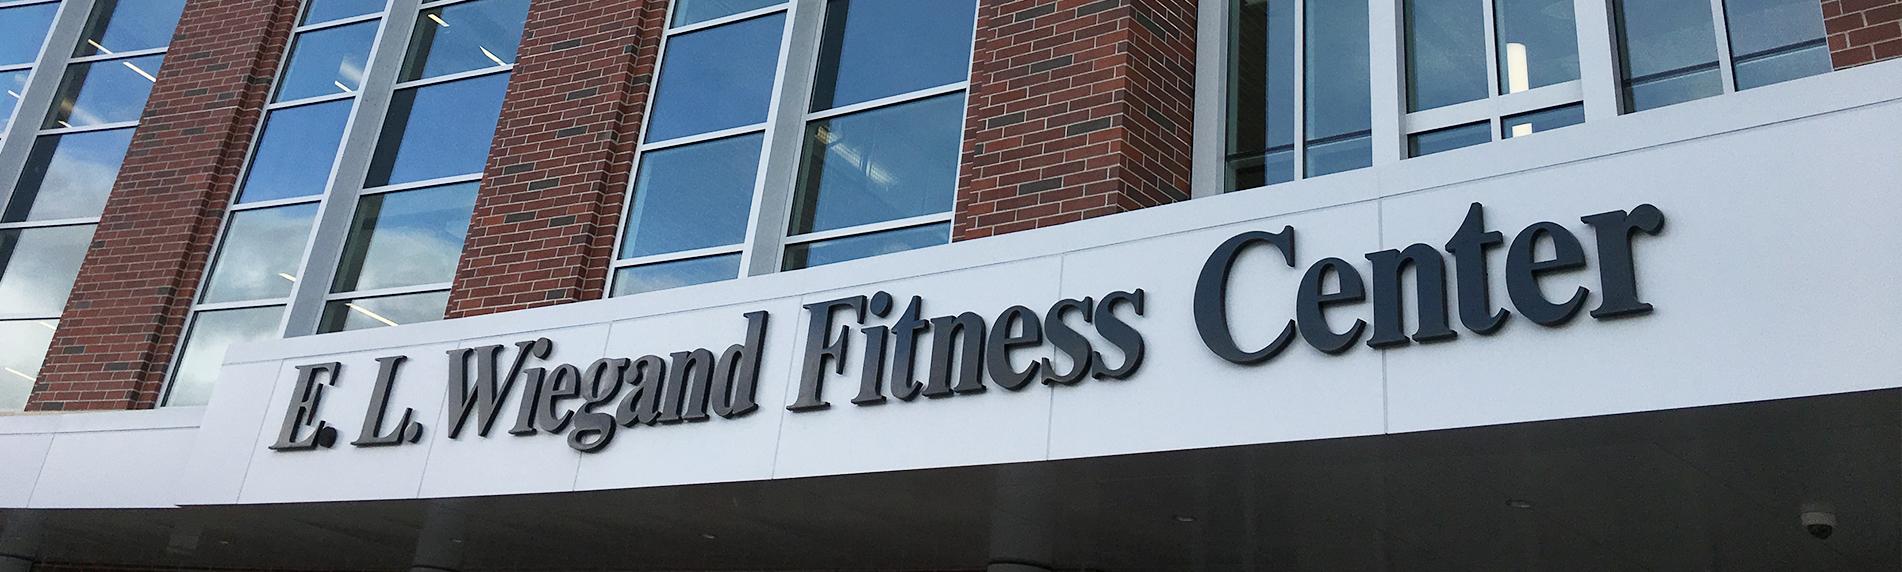 UNR's E.L. Wiegand Fitness Center